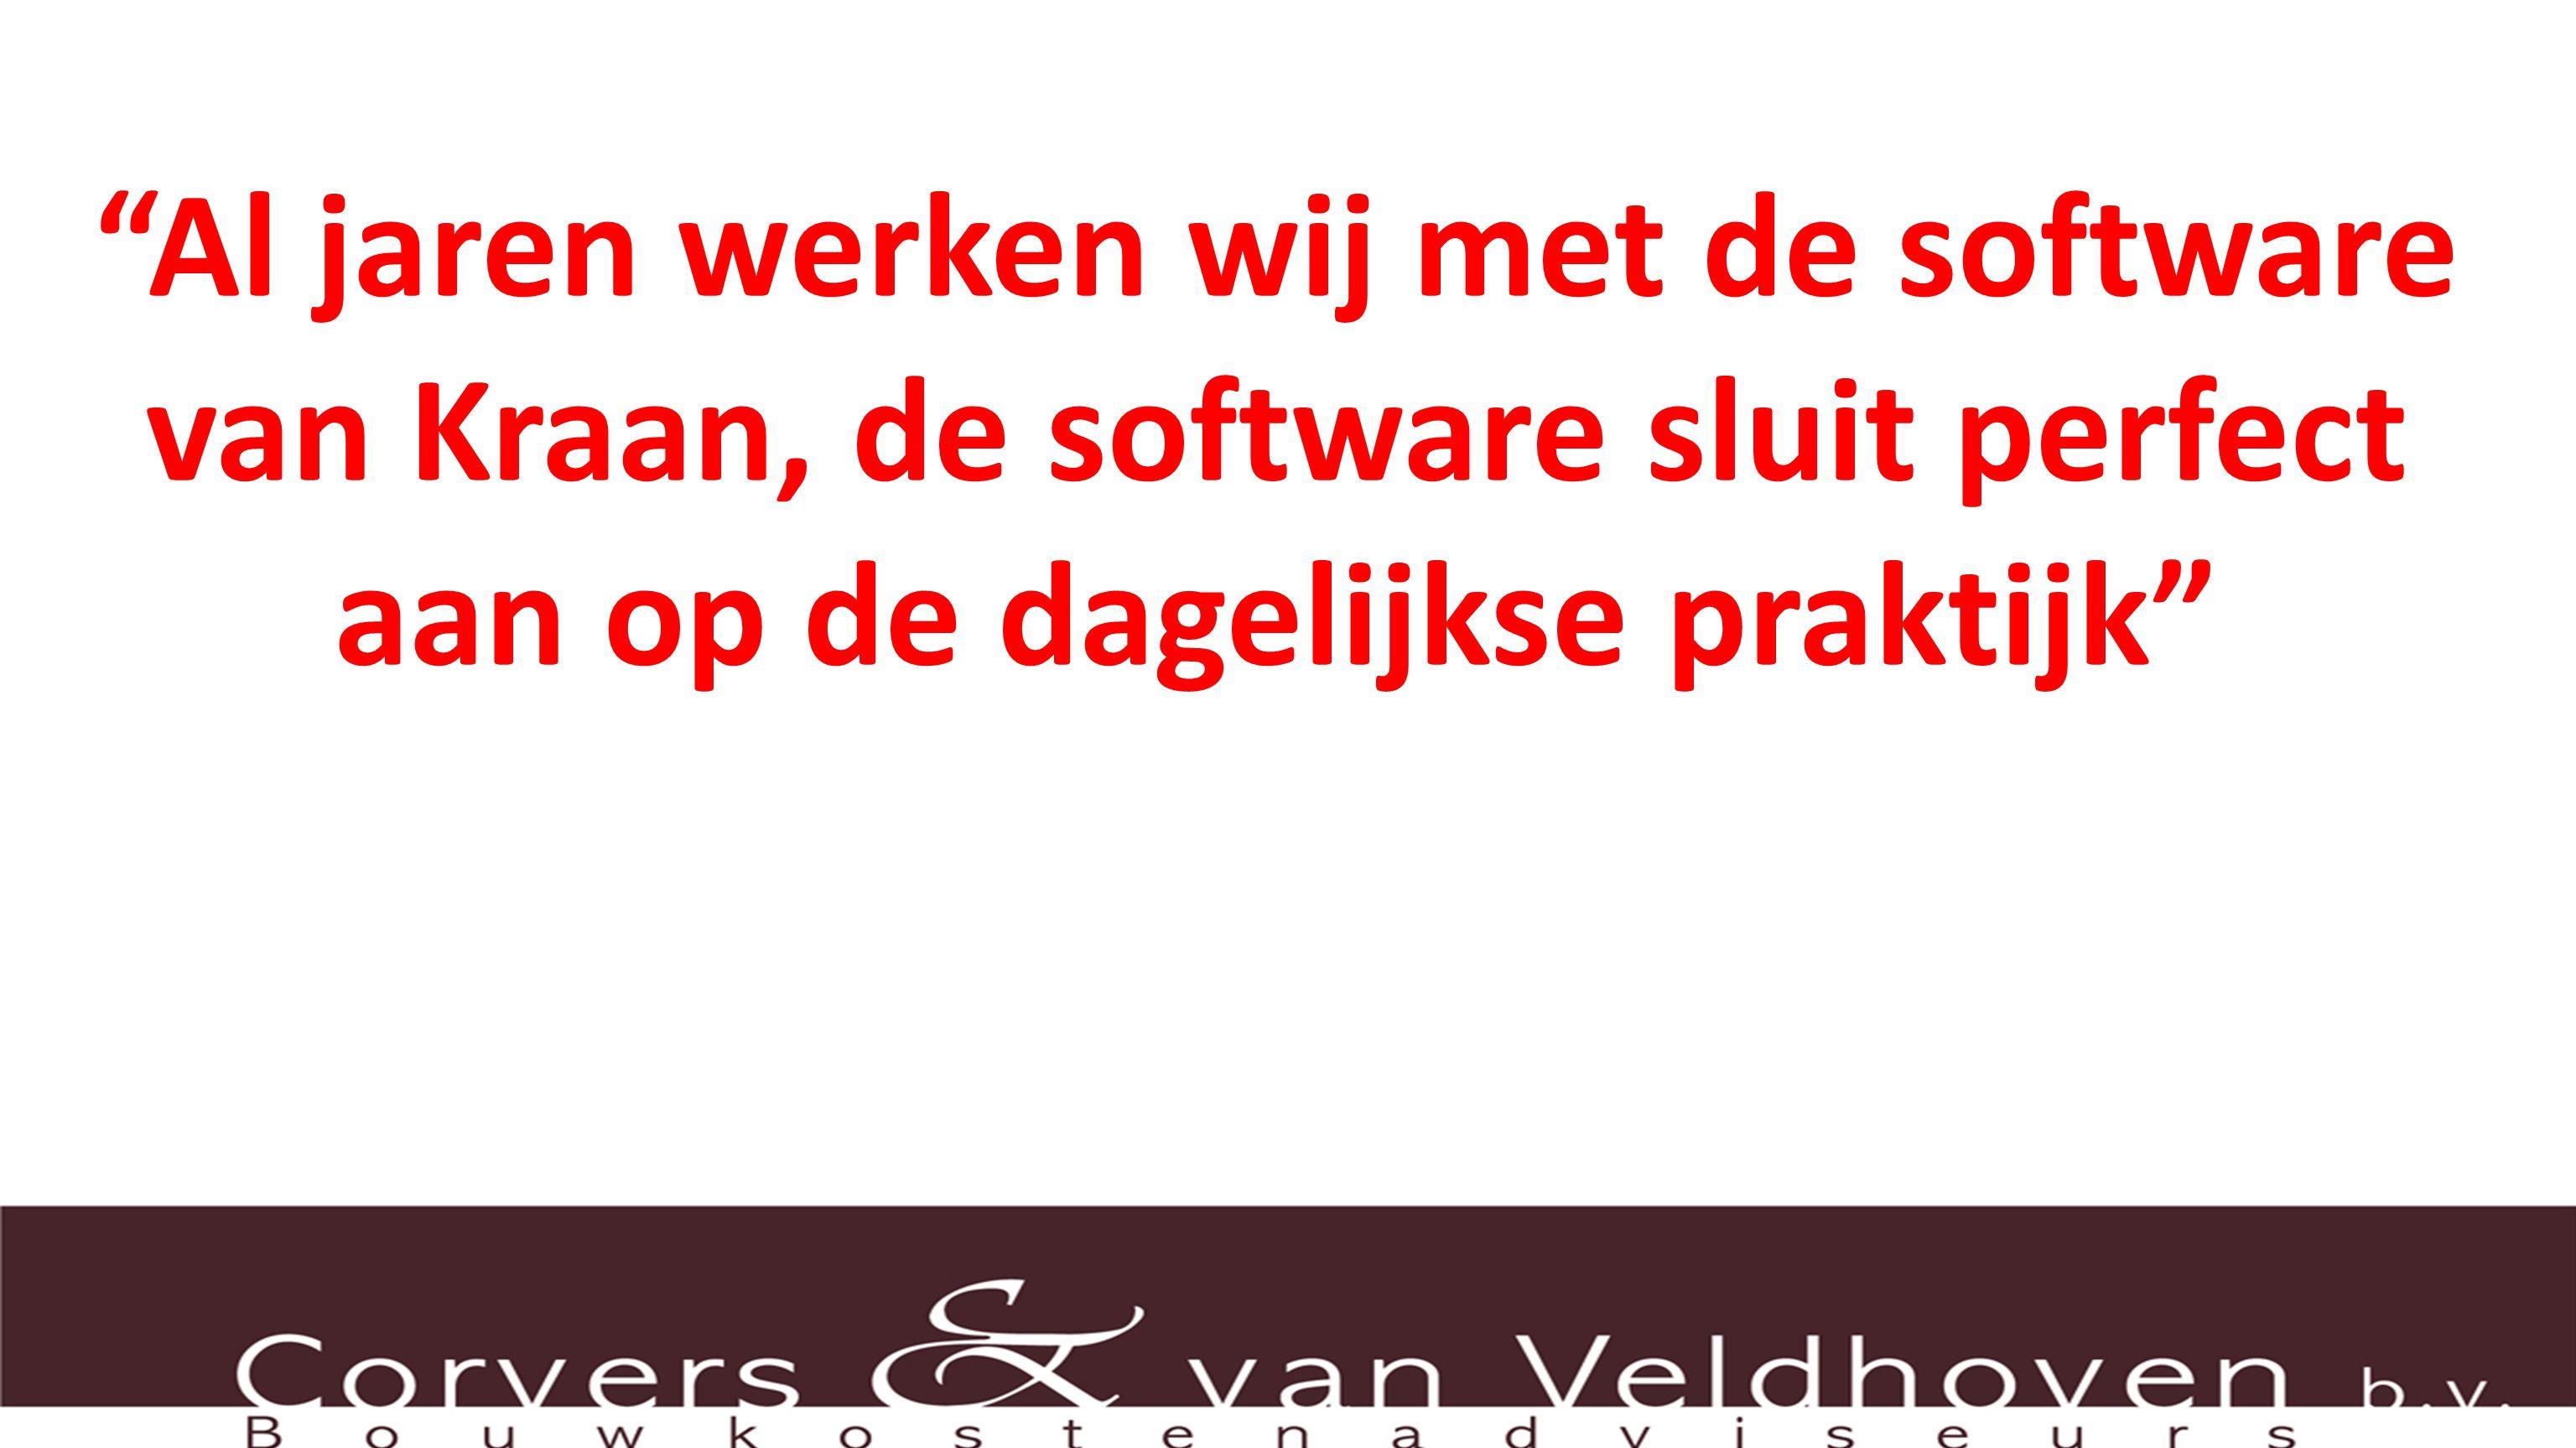 Al jaren werken wij met de software van Kraan, de software sluit perfect aan op de dagelijkse praktijk